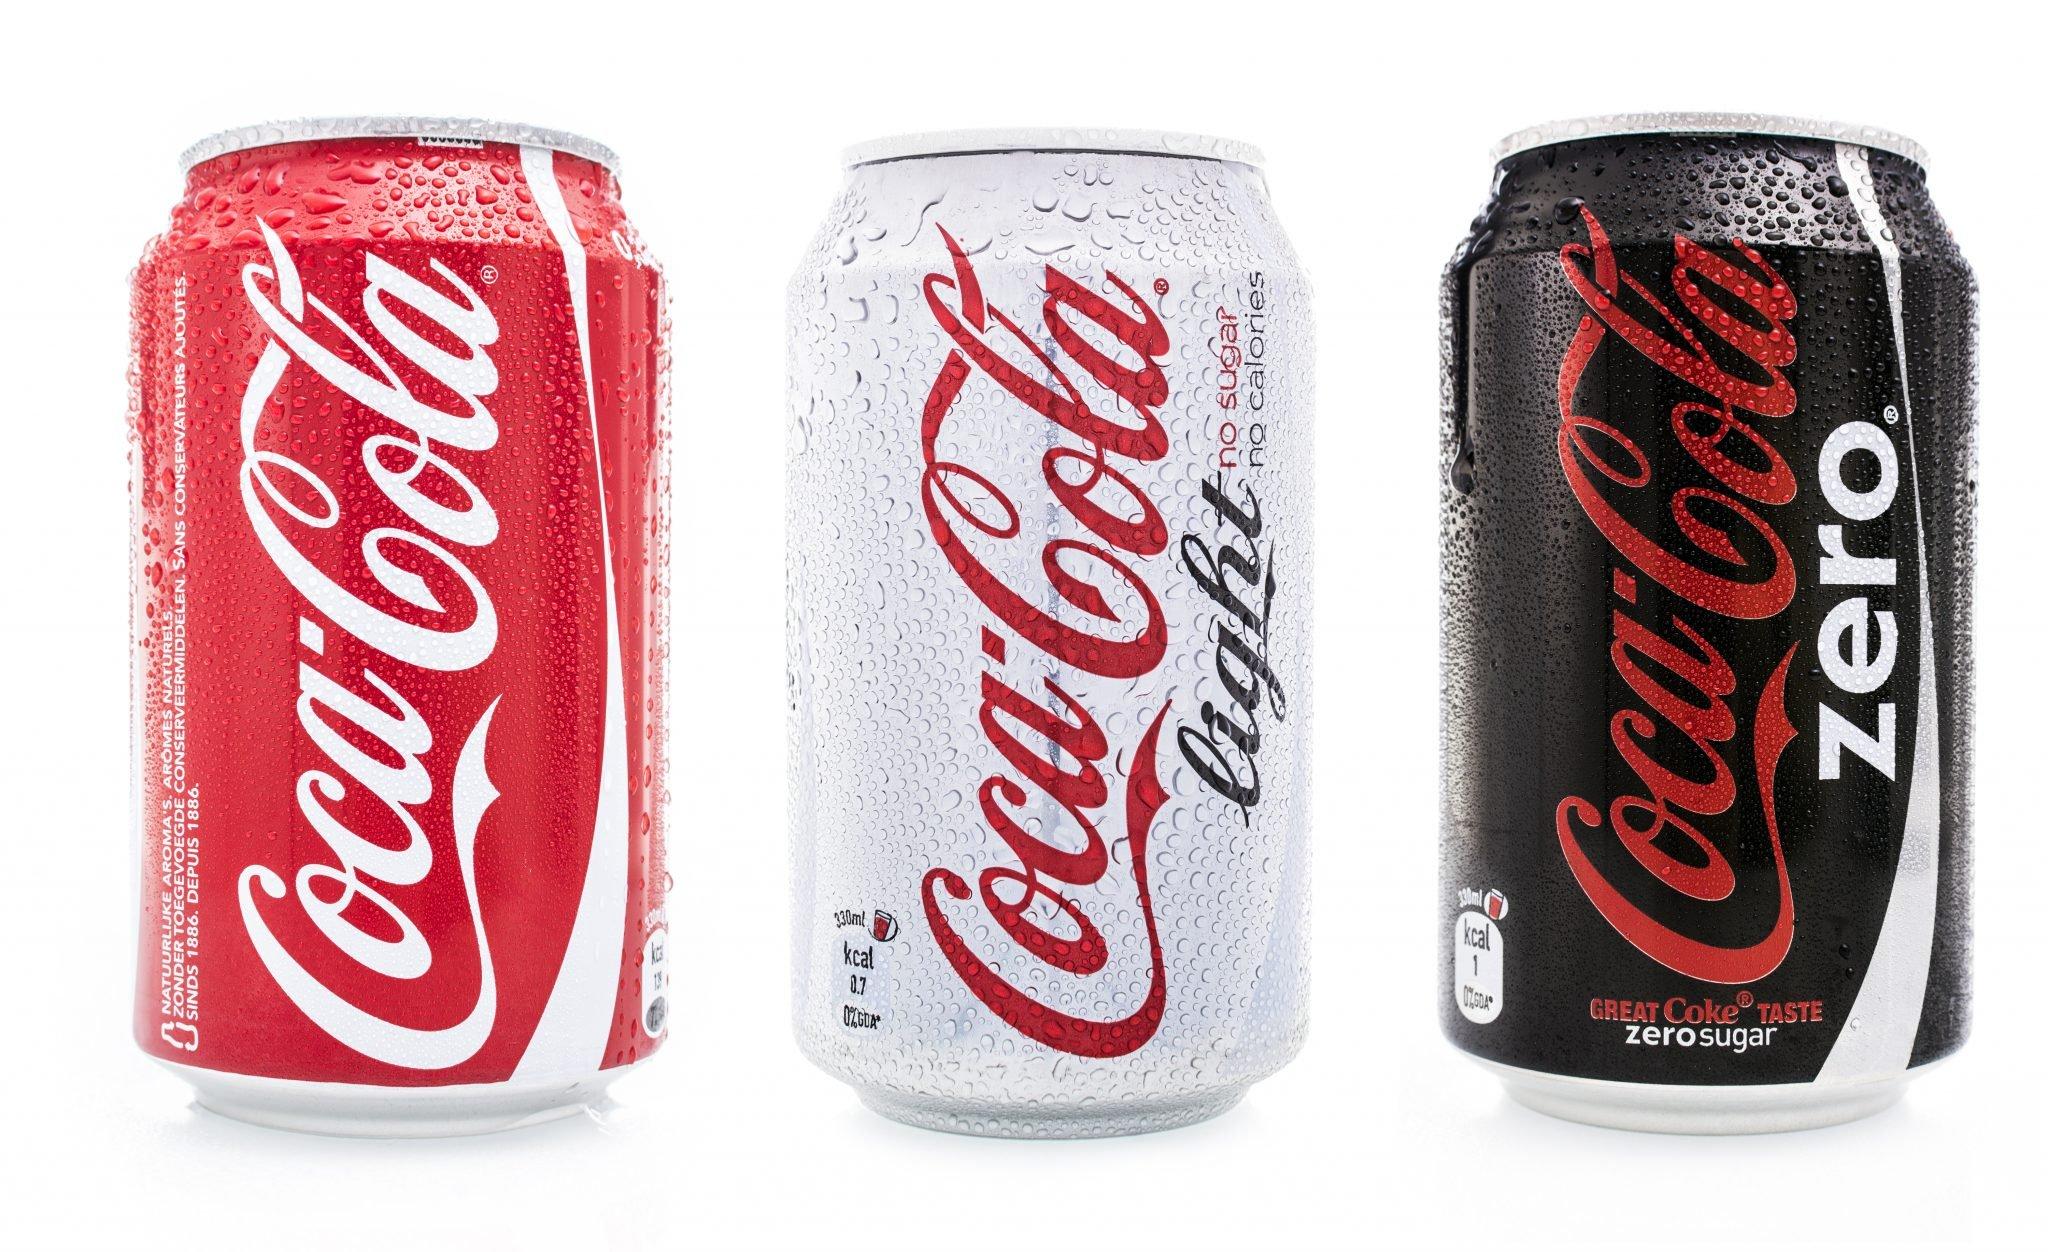 Coca cola soda cans